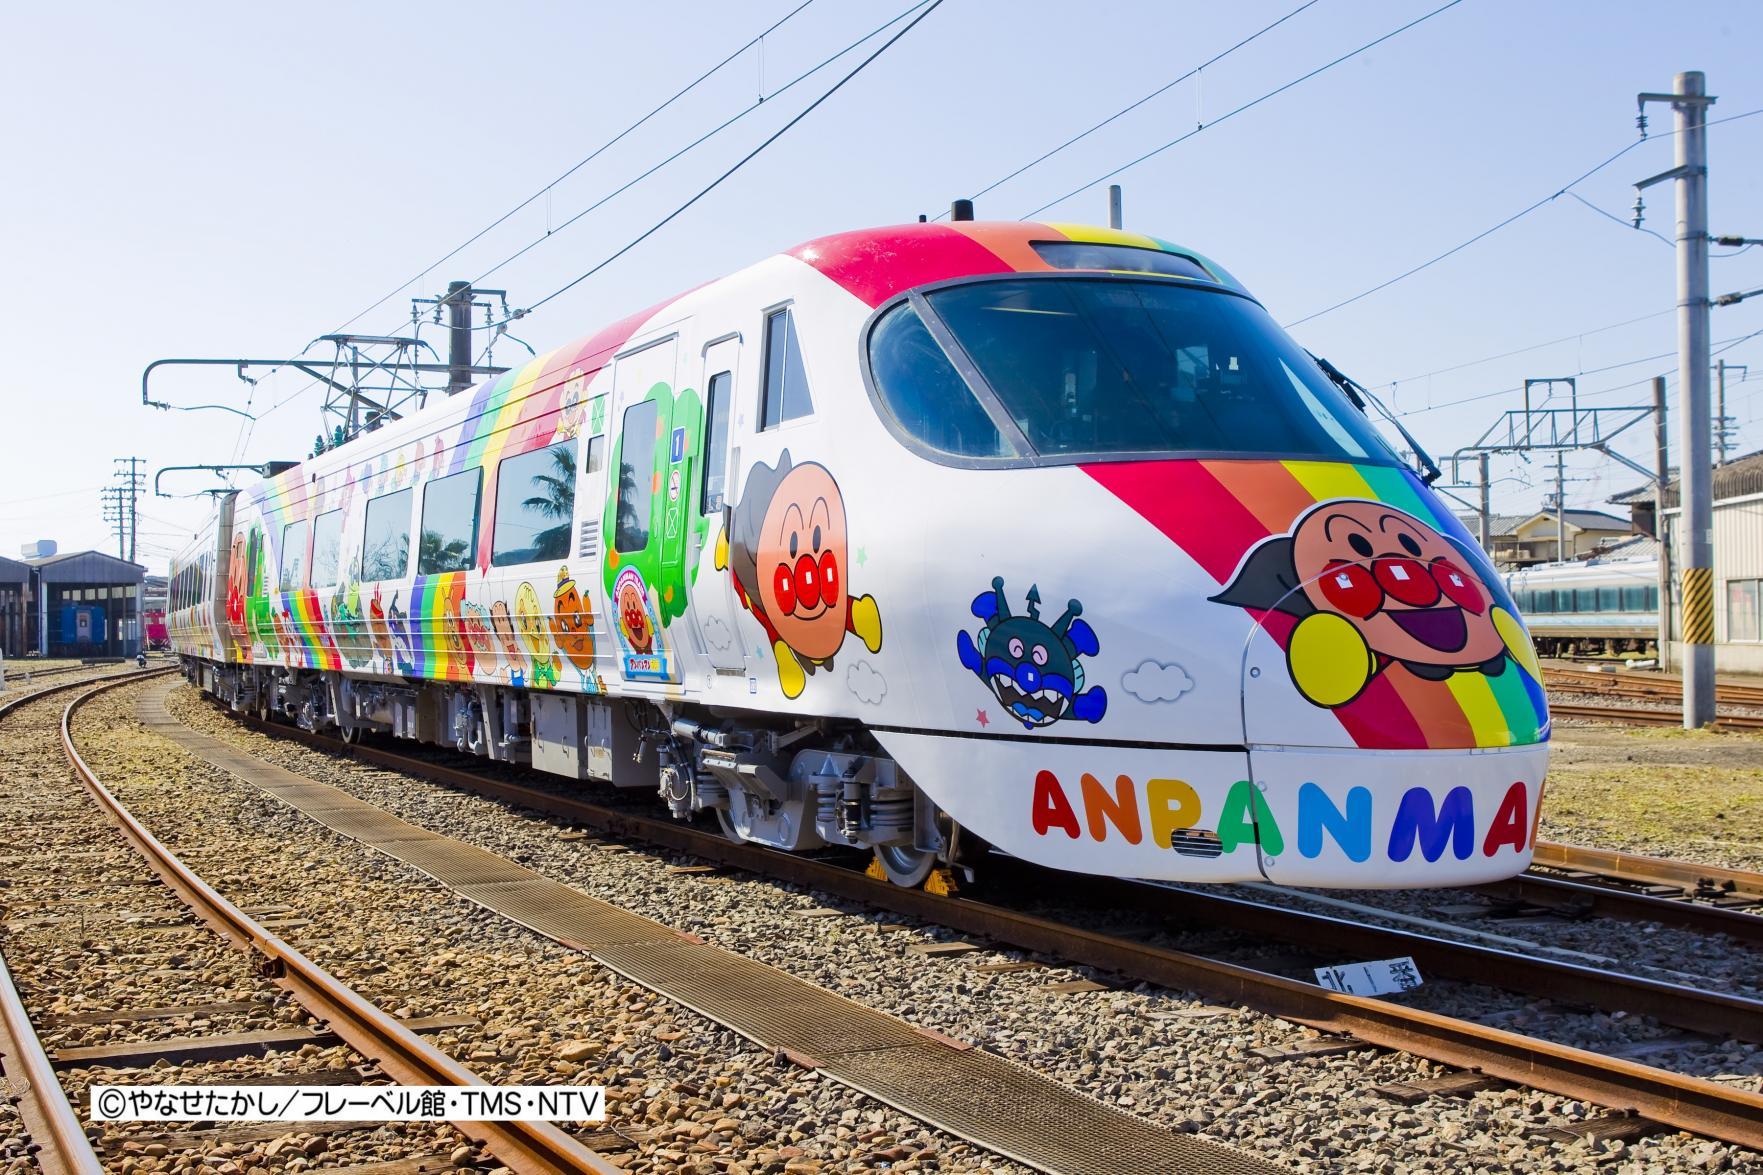 Anpanman Train-1